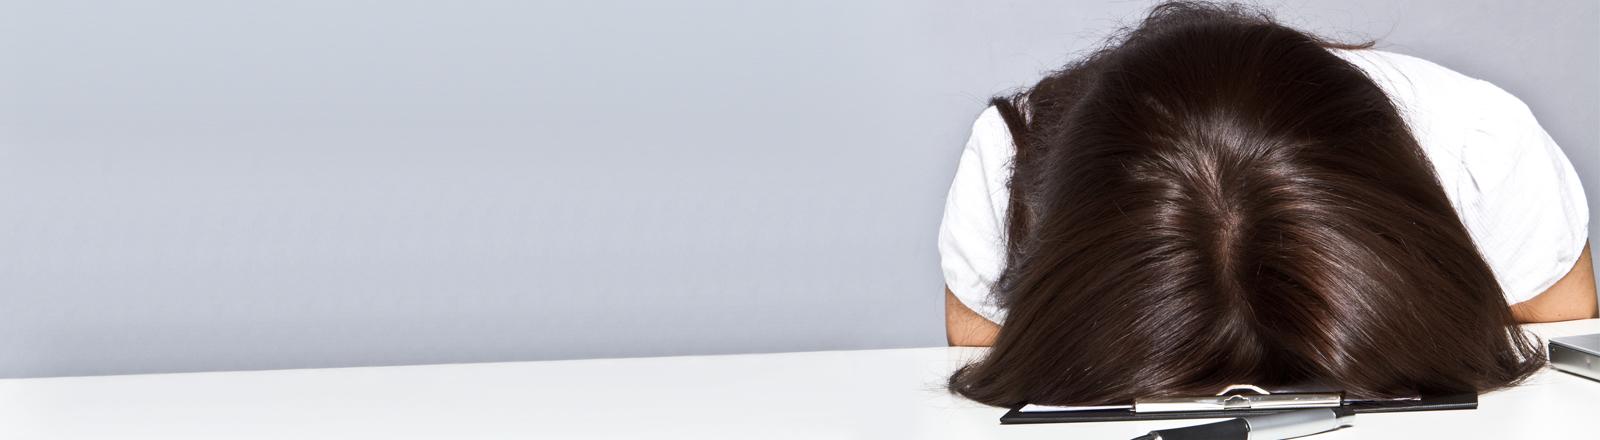 Eine Frau hat den Kopf auf dem Tisch, auf einem Klemmbrett